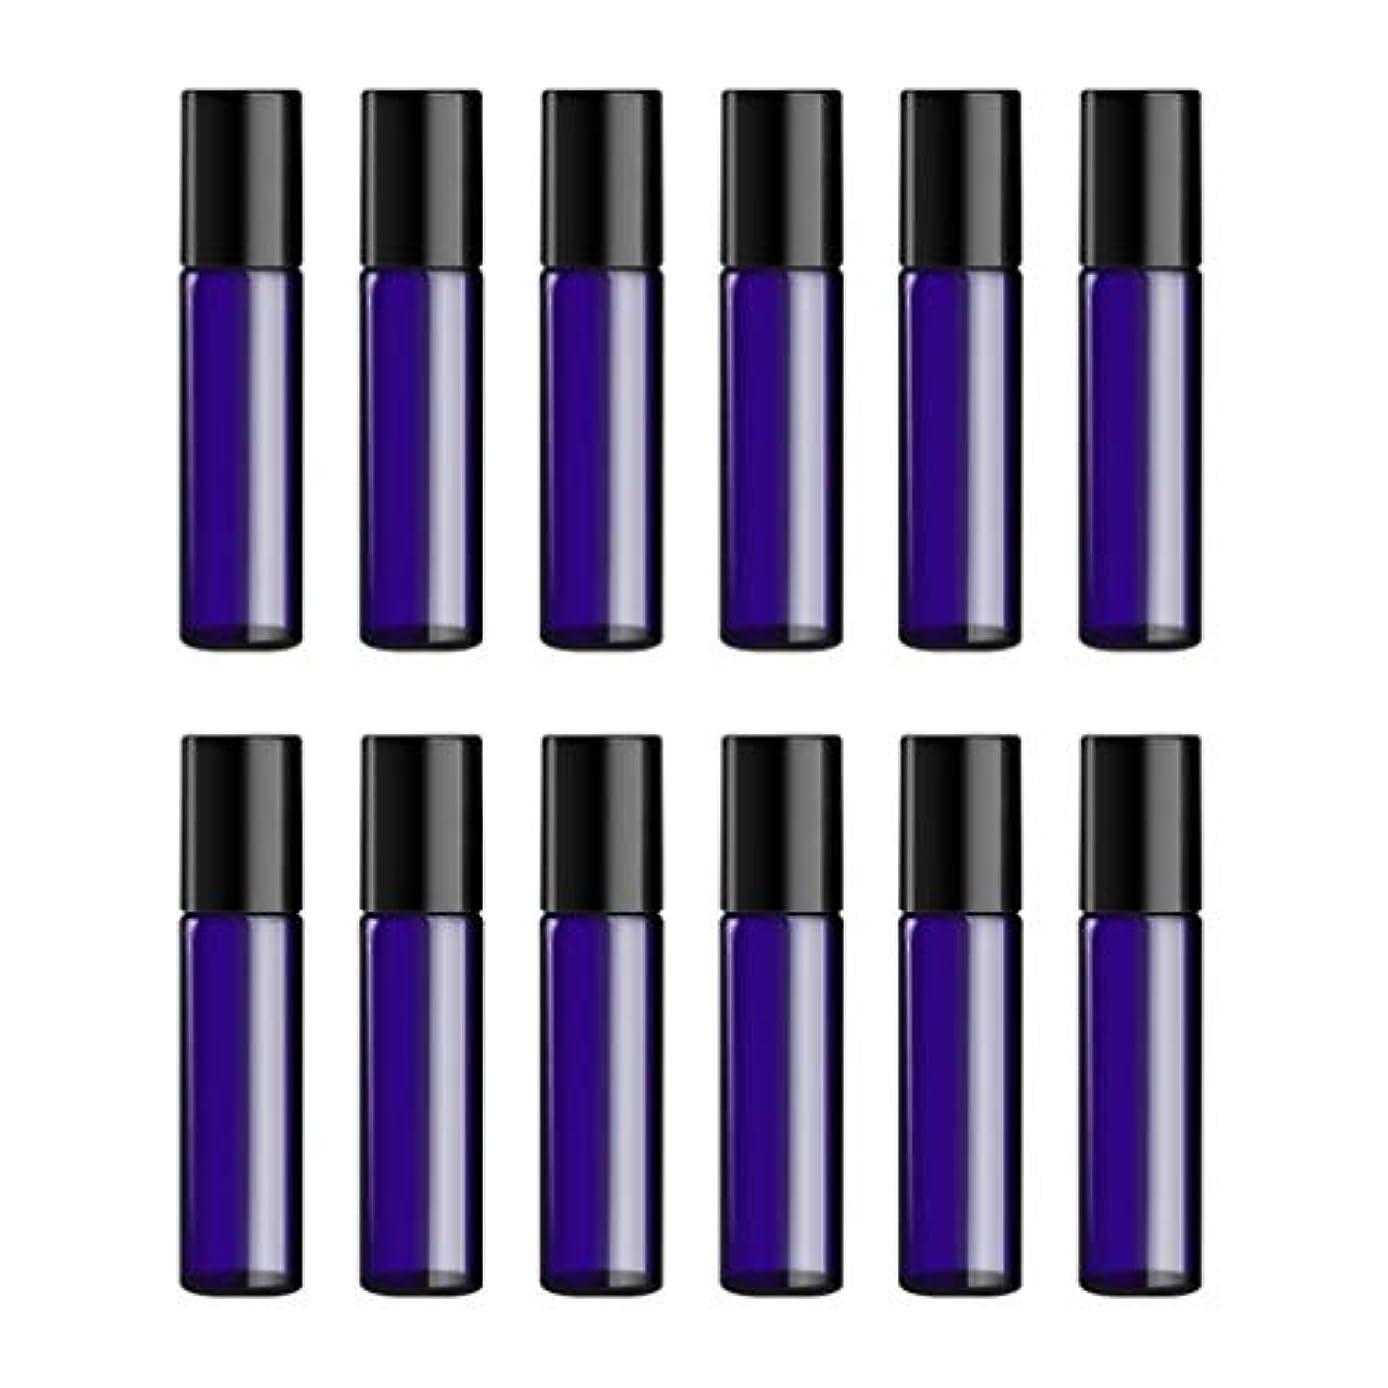 雨つまらない液化するLurrose ボトルのロール旅行旅行 精油 小分け用 詰め替えローラーボールエッセンシャルオイル 精油ローラーボトルガラス香水瓶 10mlの12PCS 青